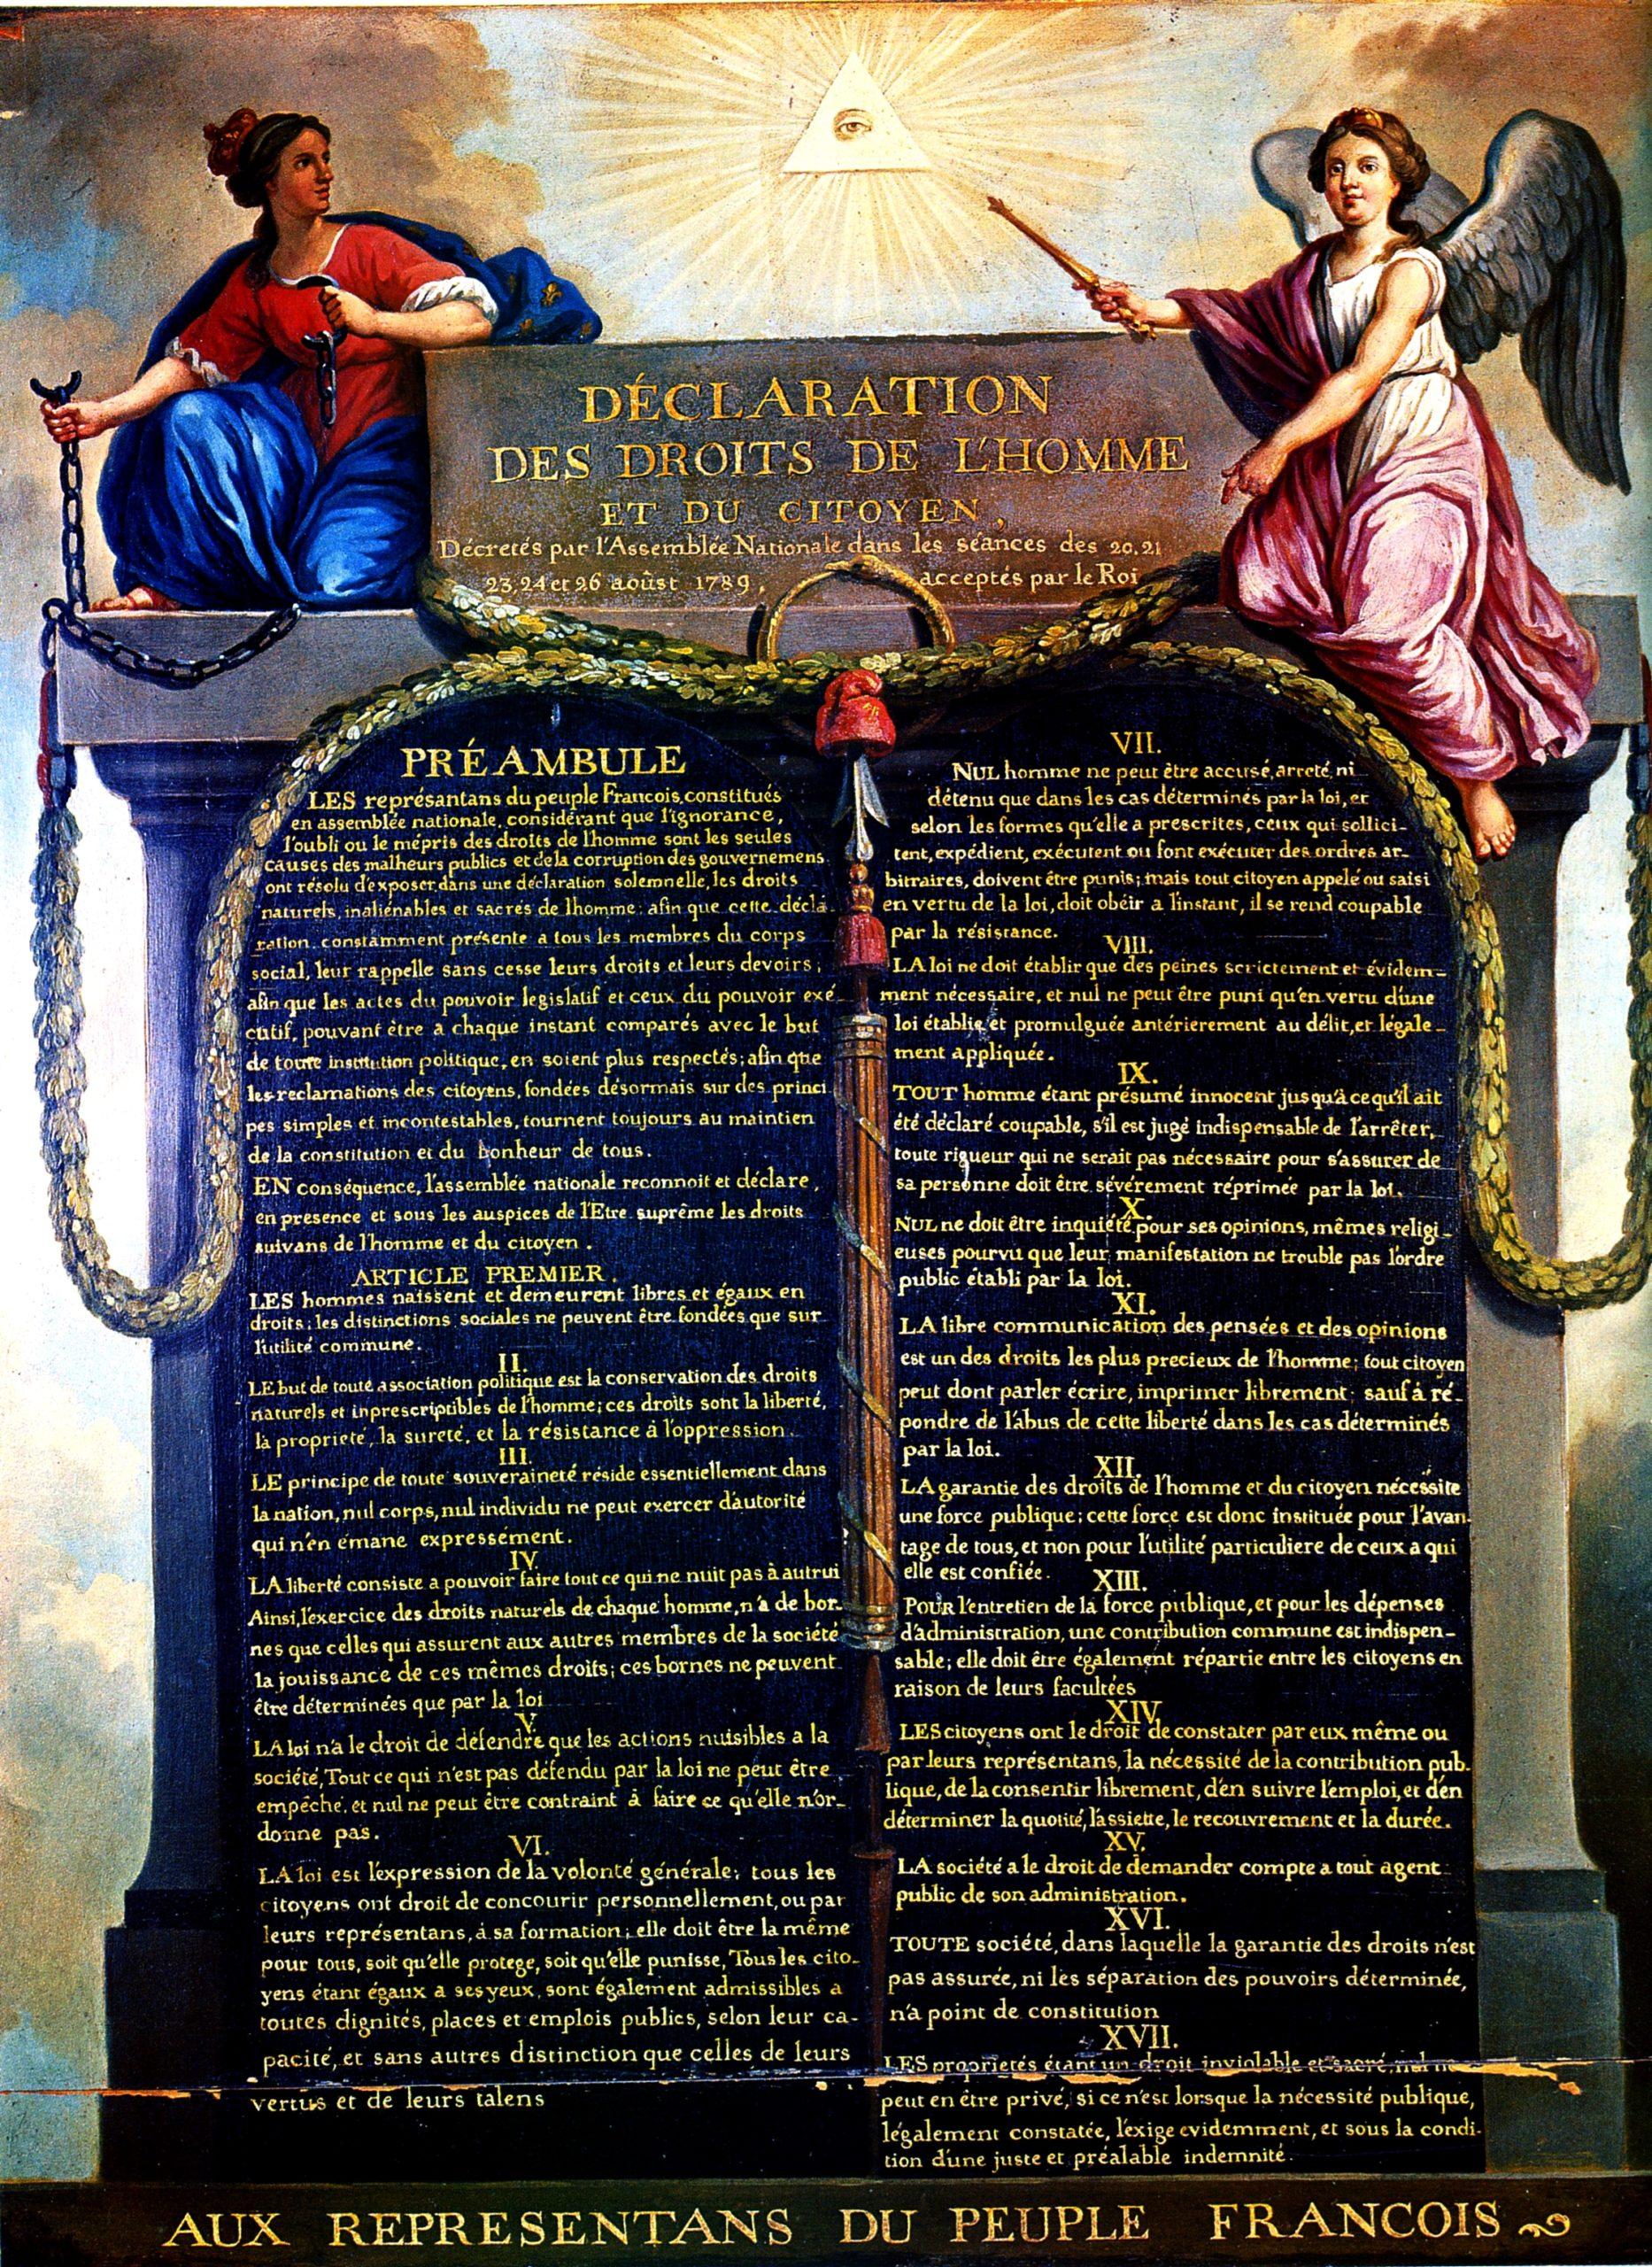 Quel est le rôle législatif légitime des citoyens? Audition du constitutionnaliste Dominique Rousseau à l'Assemblée sur l'art. 6 de la DDHC 1789